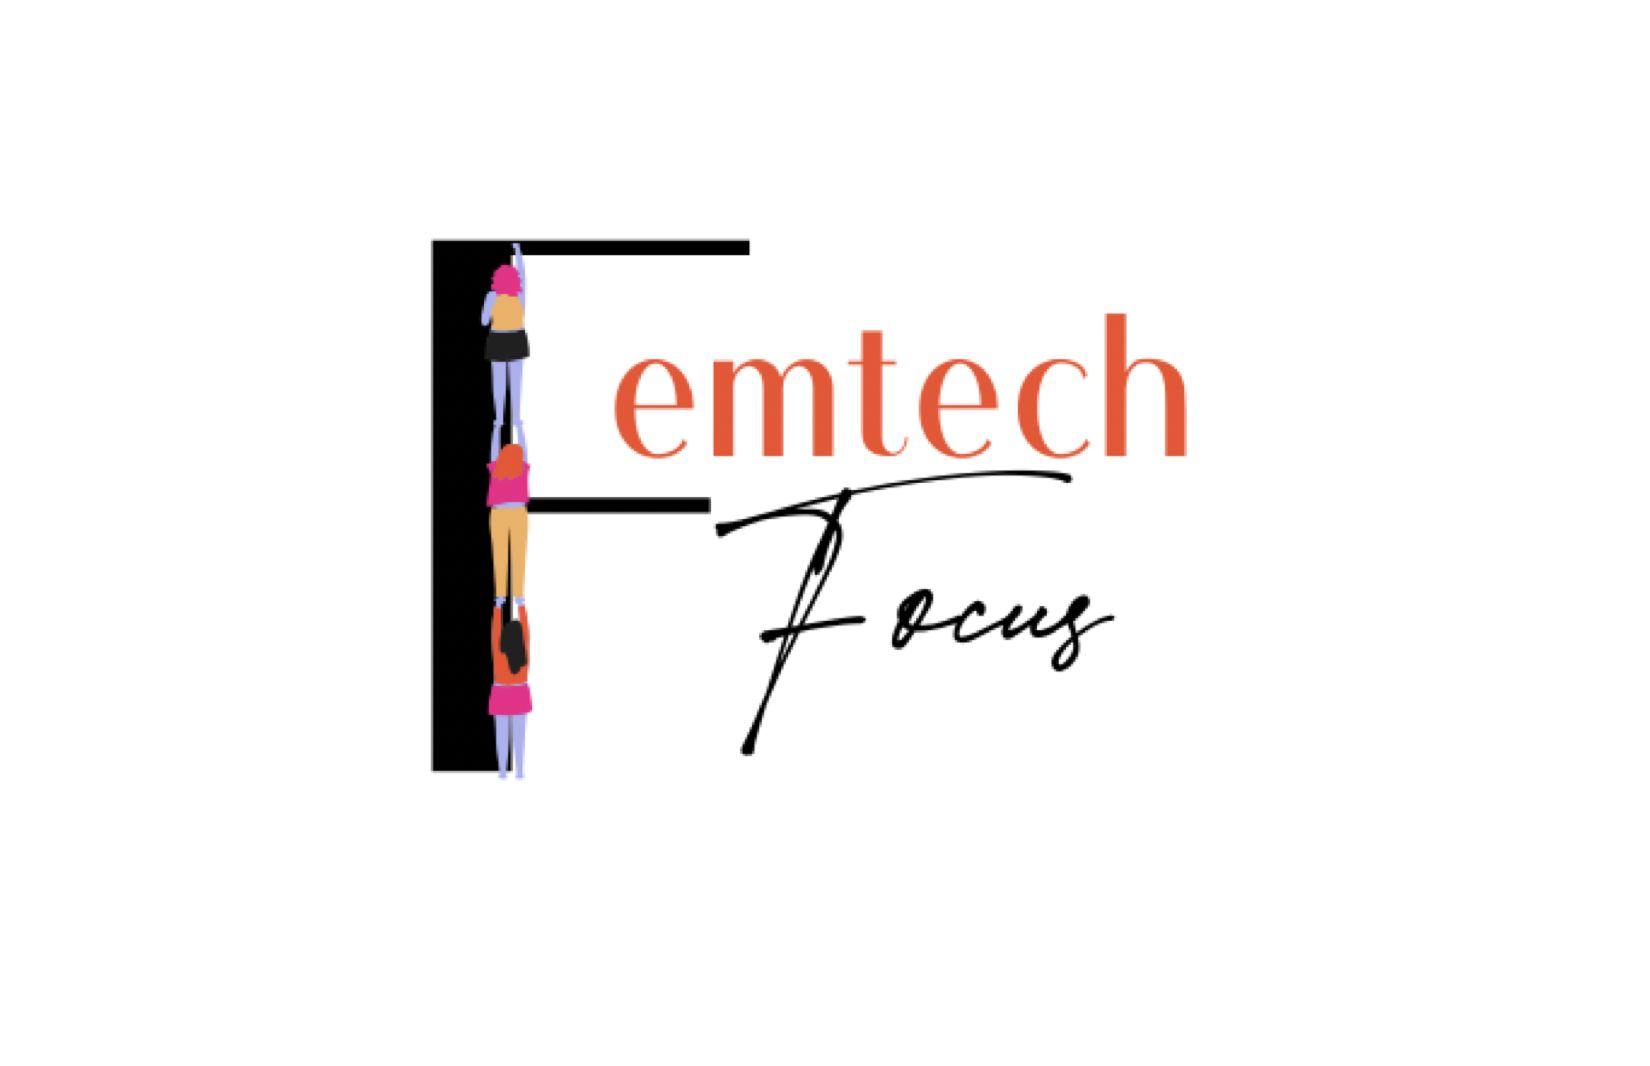 FemTech Focus - Femtech, it's kind of a big deal. - Episode 1